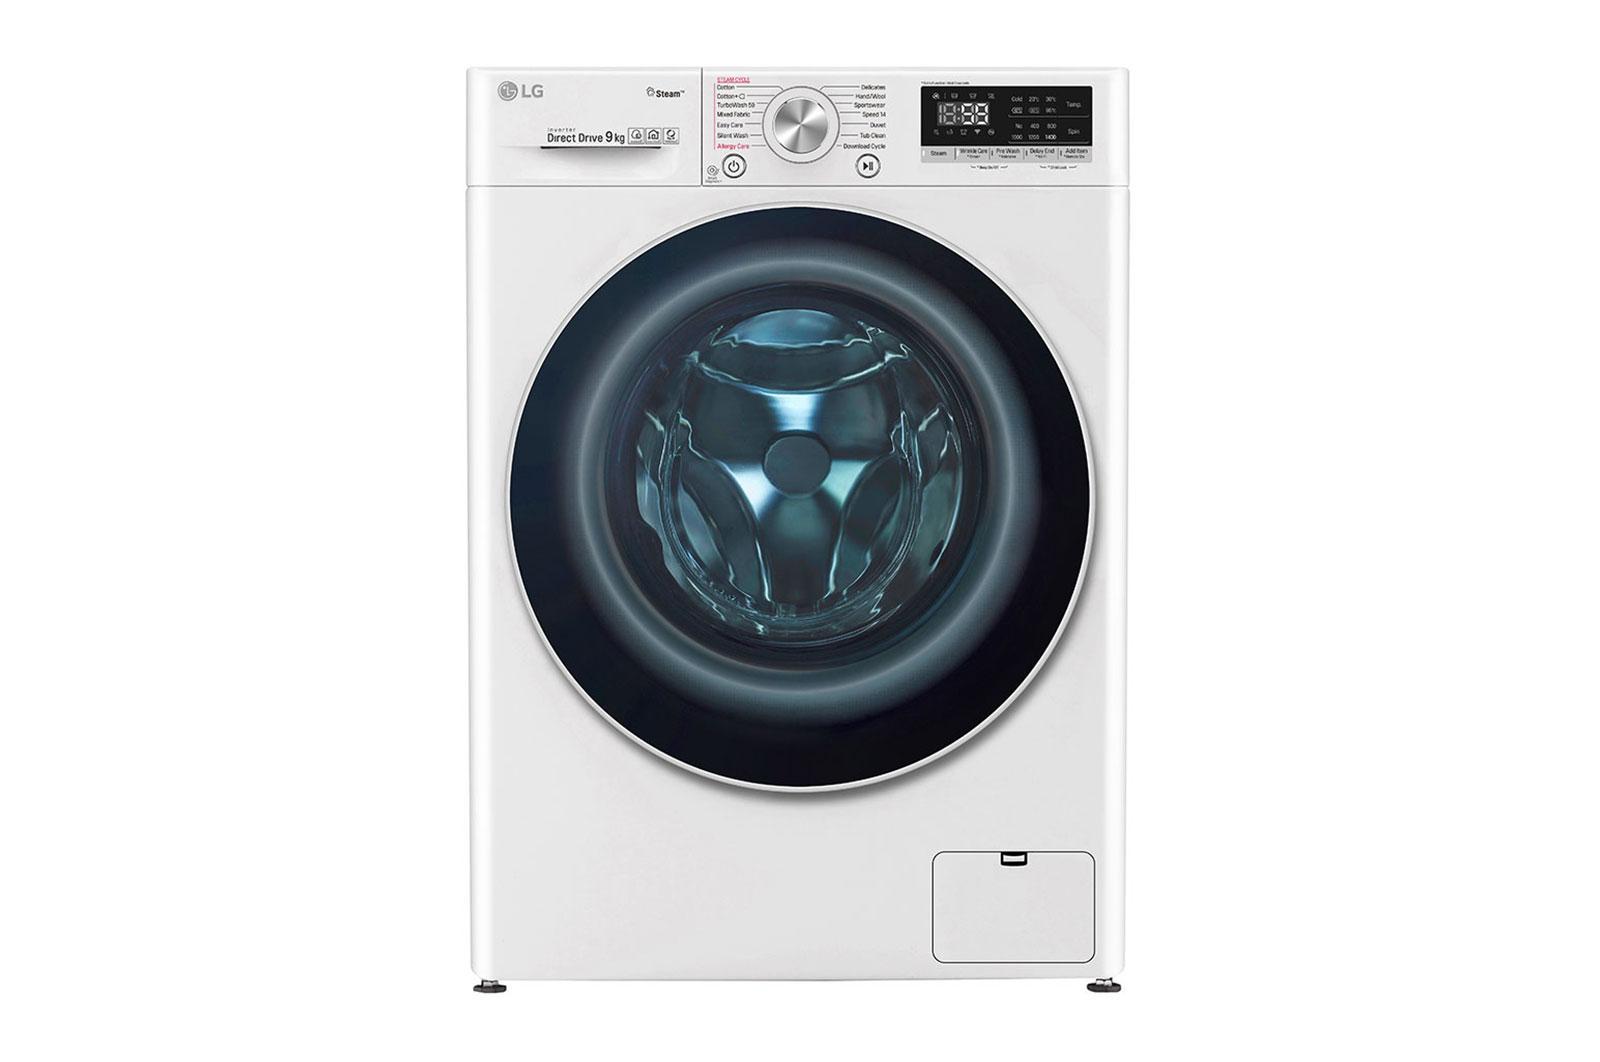 Πλυντήριο Ρούχων 9kg Ατμού, Turbo Wash, AI DD - F4WV709P1 main image